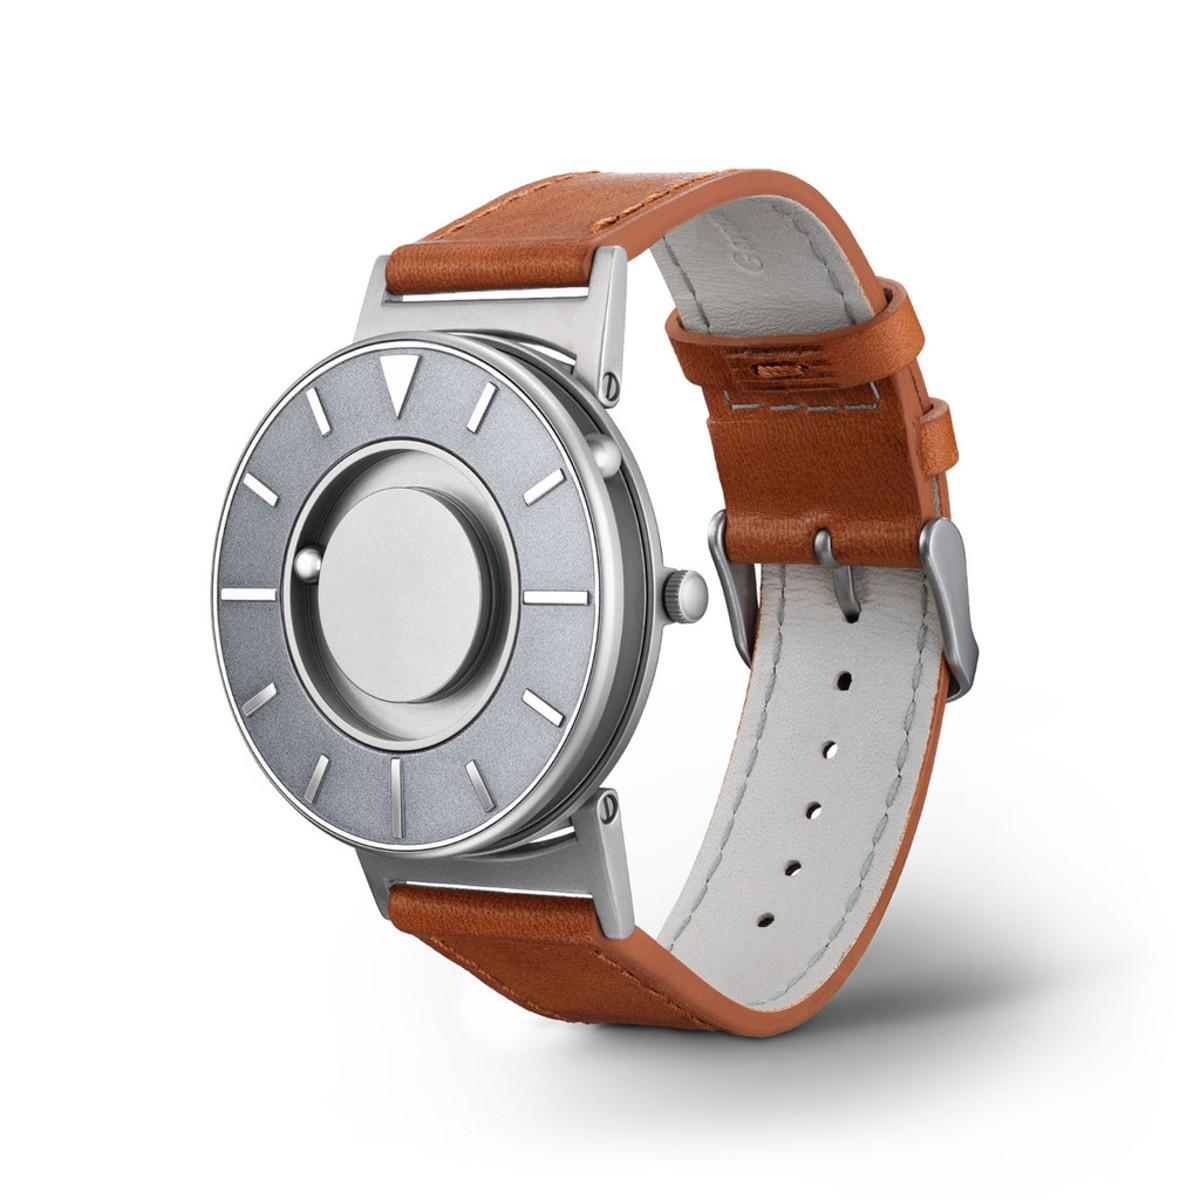 触る時計『EONE』|《VOYAGER》品性と知性を醸し出すイタリア製本革バンド、触って時間を知る時計| EONE